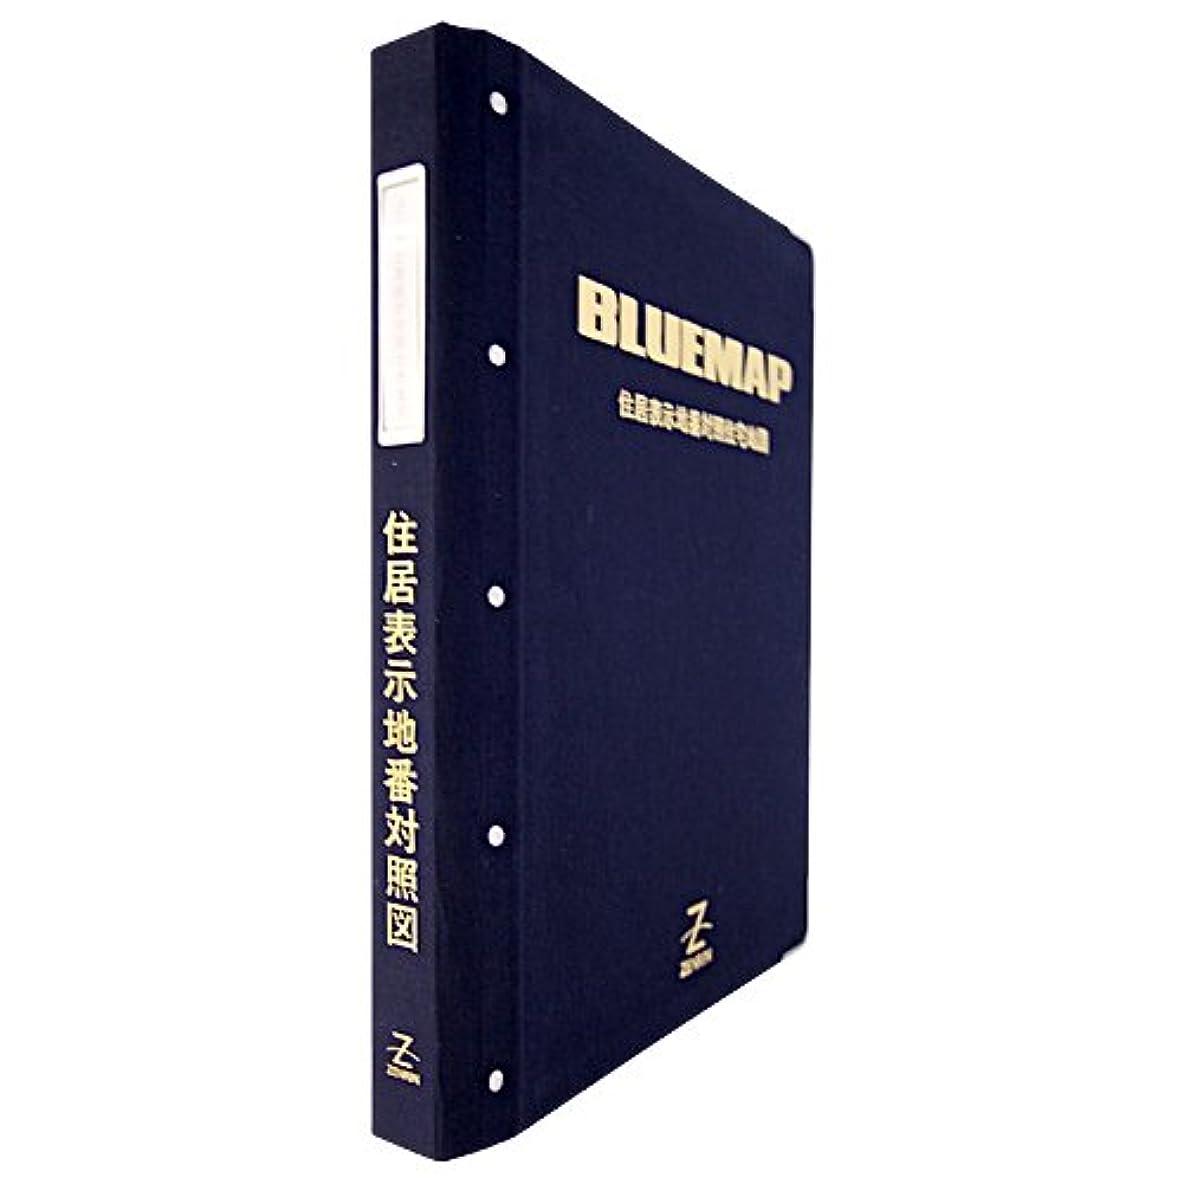 東方罰する中国ゼンリンブルーマップ専用バインダー ブルーマップ専用 布製?36穴バインダー(通常)